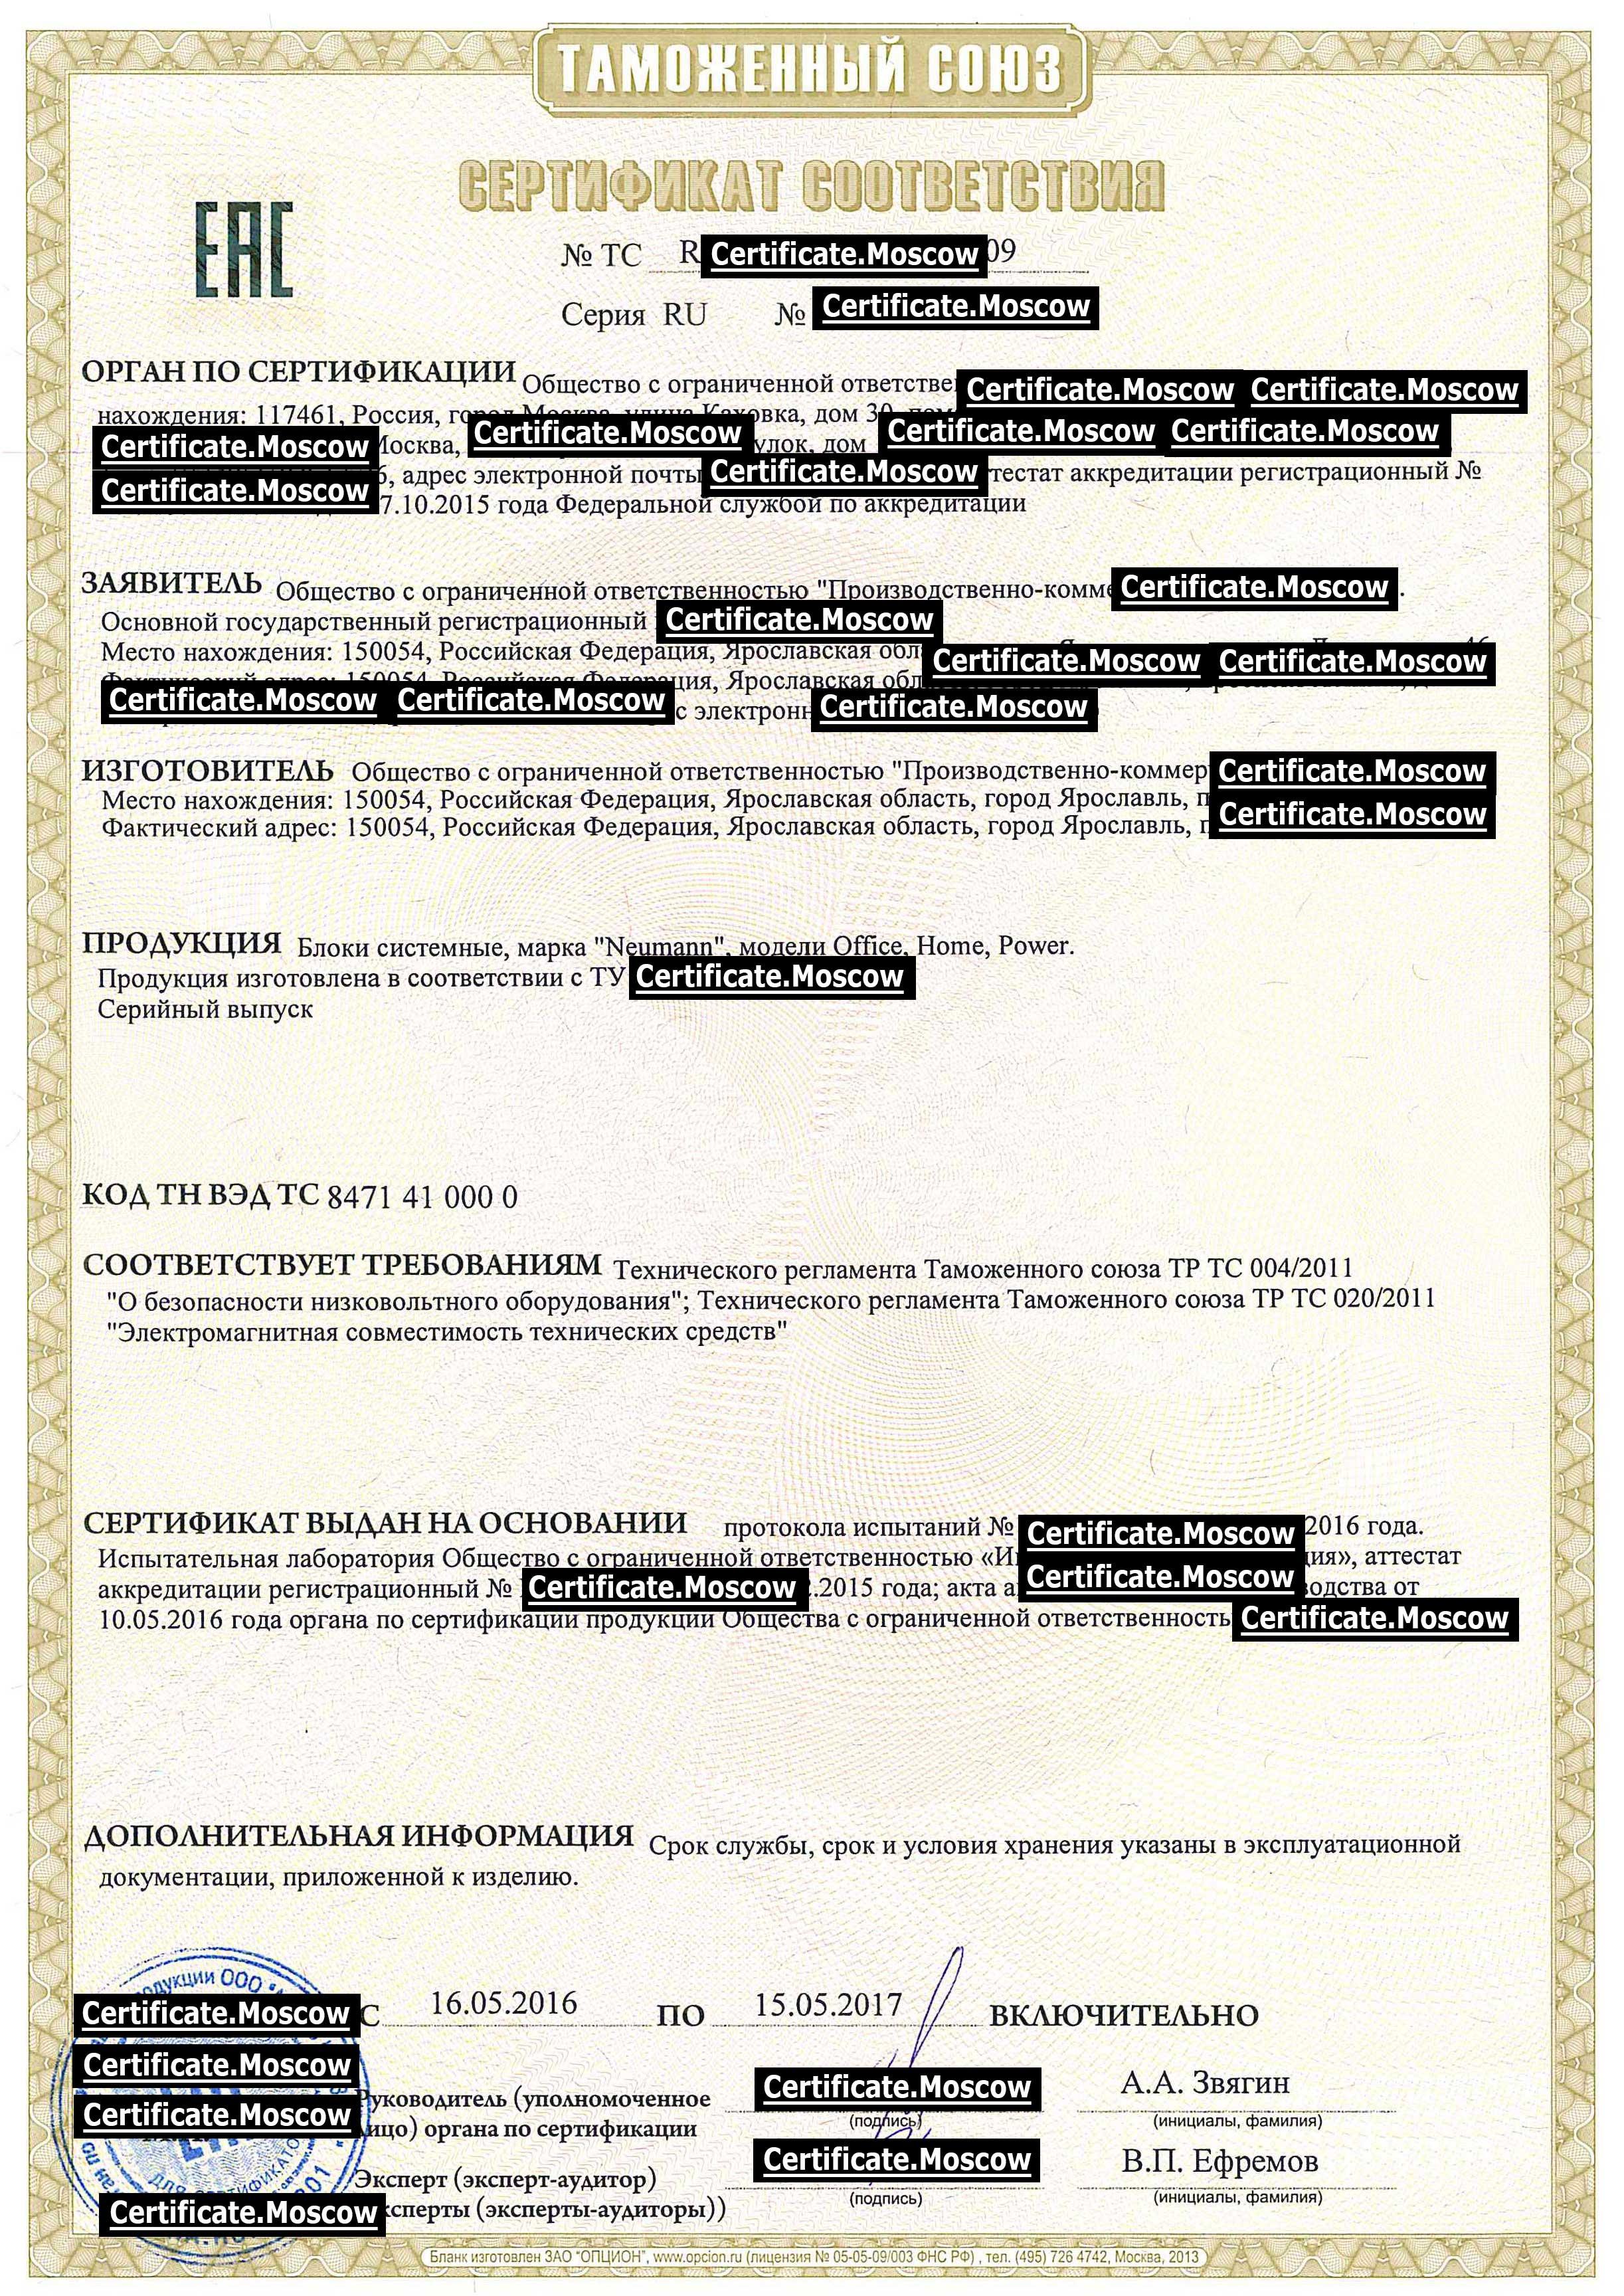 новый бланк сертификата соответствия еас